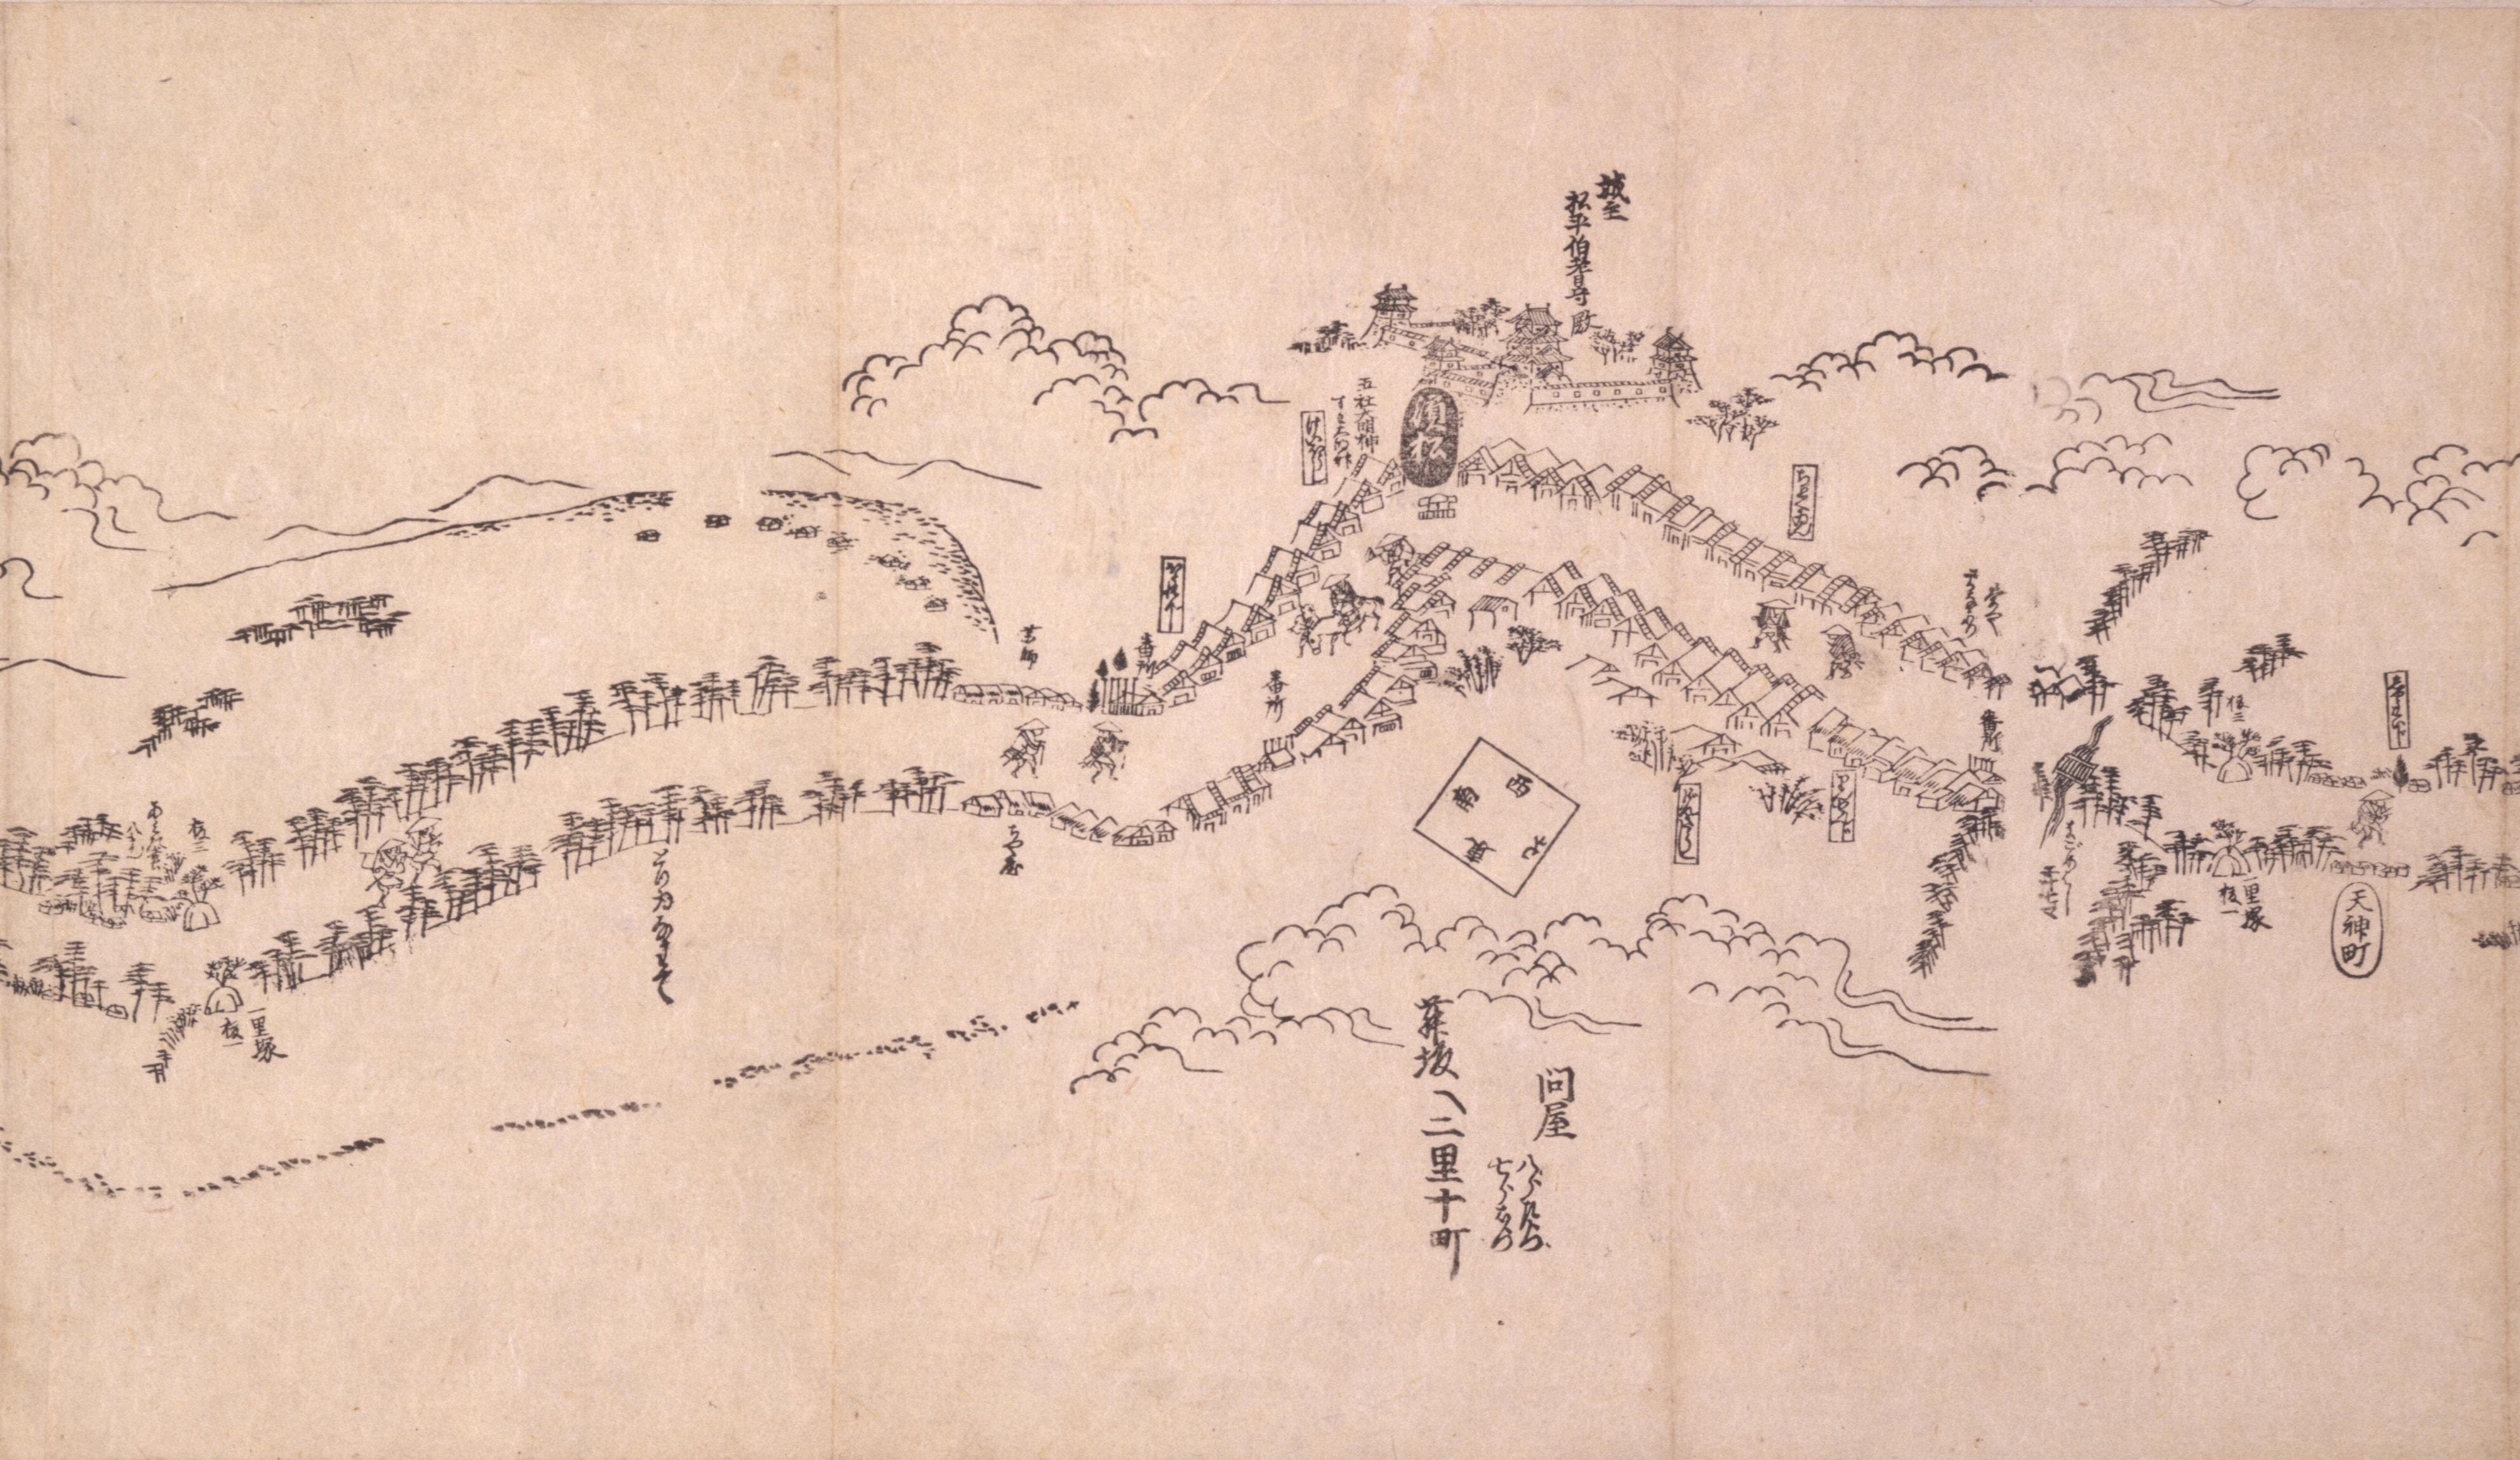 東海道分間之図 四十三